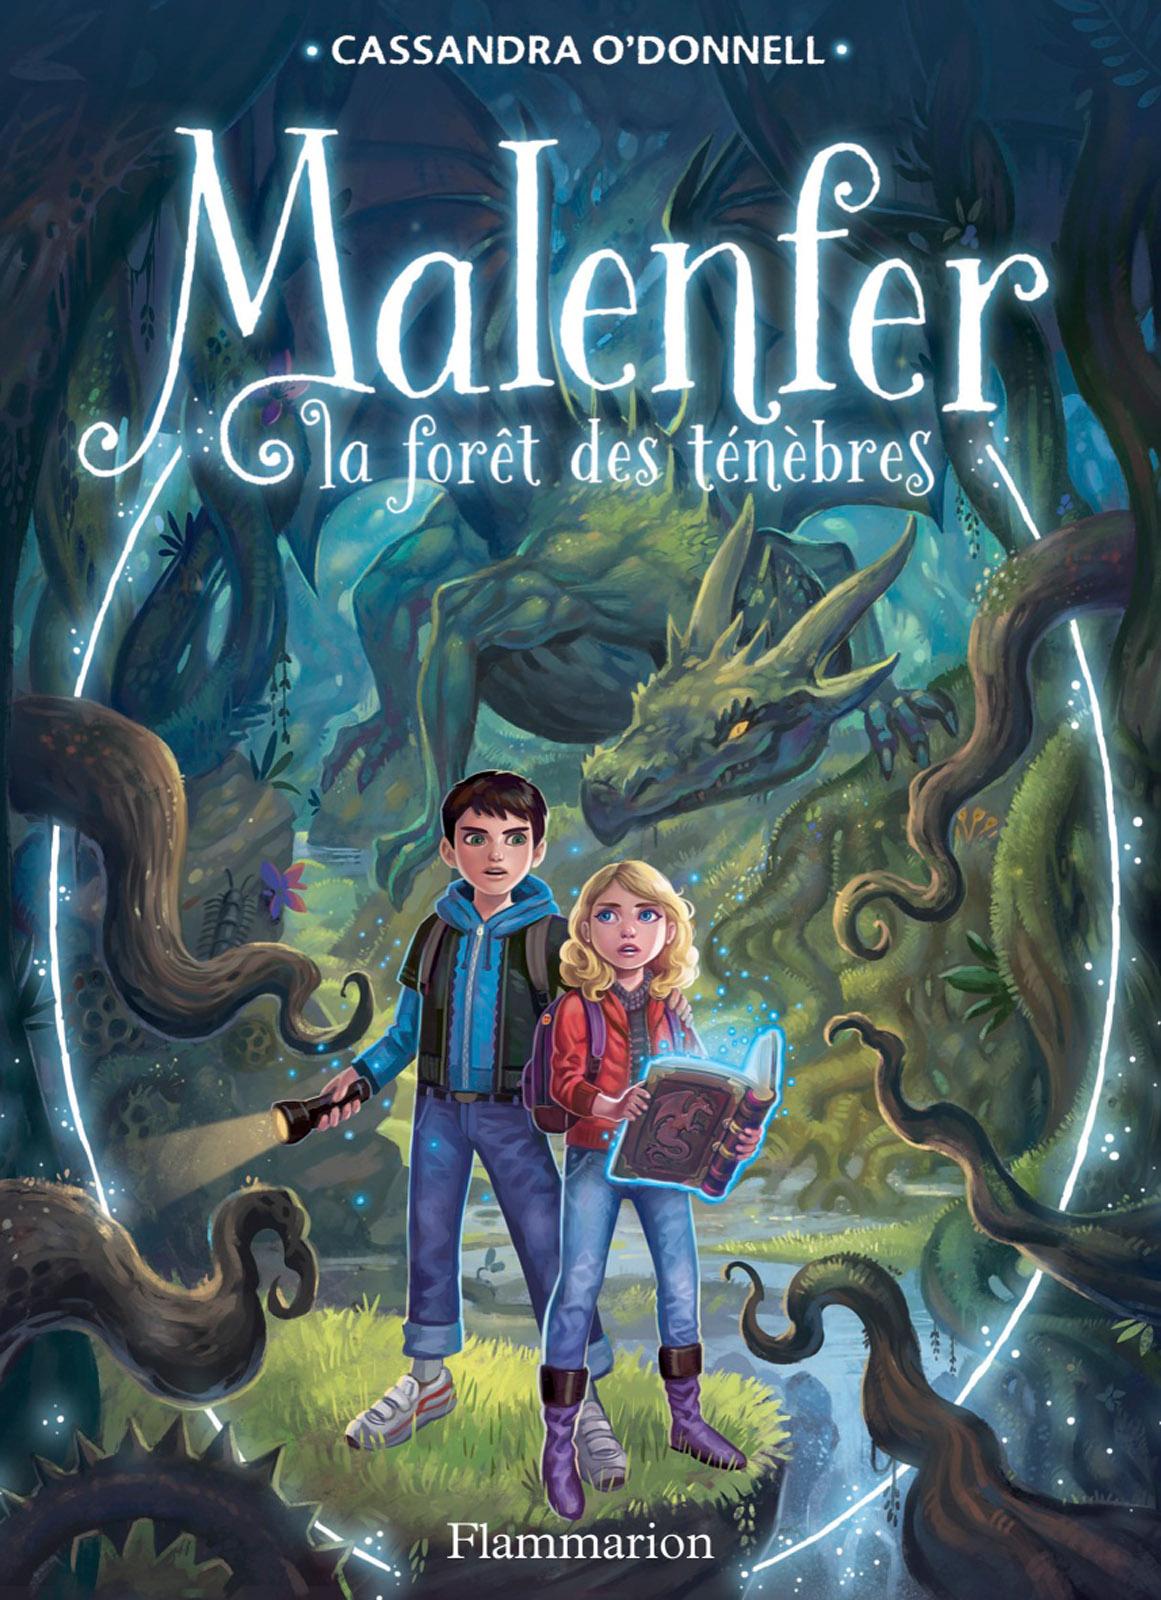 Malenfer - Terres de magie (Tome 1) - La forêt des ténèbres | O'Donnell, Cassandra